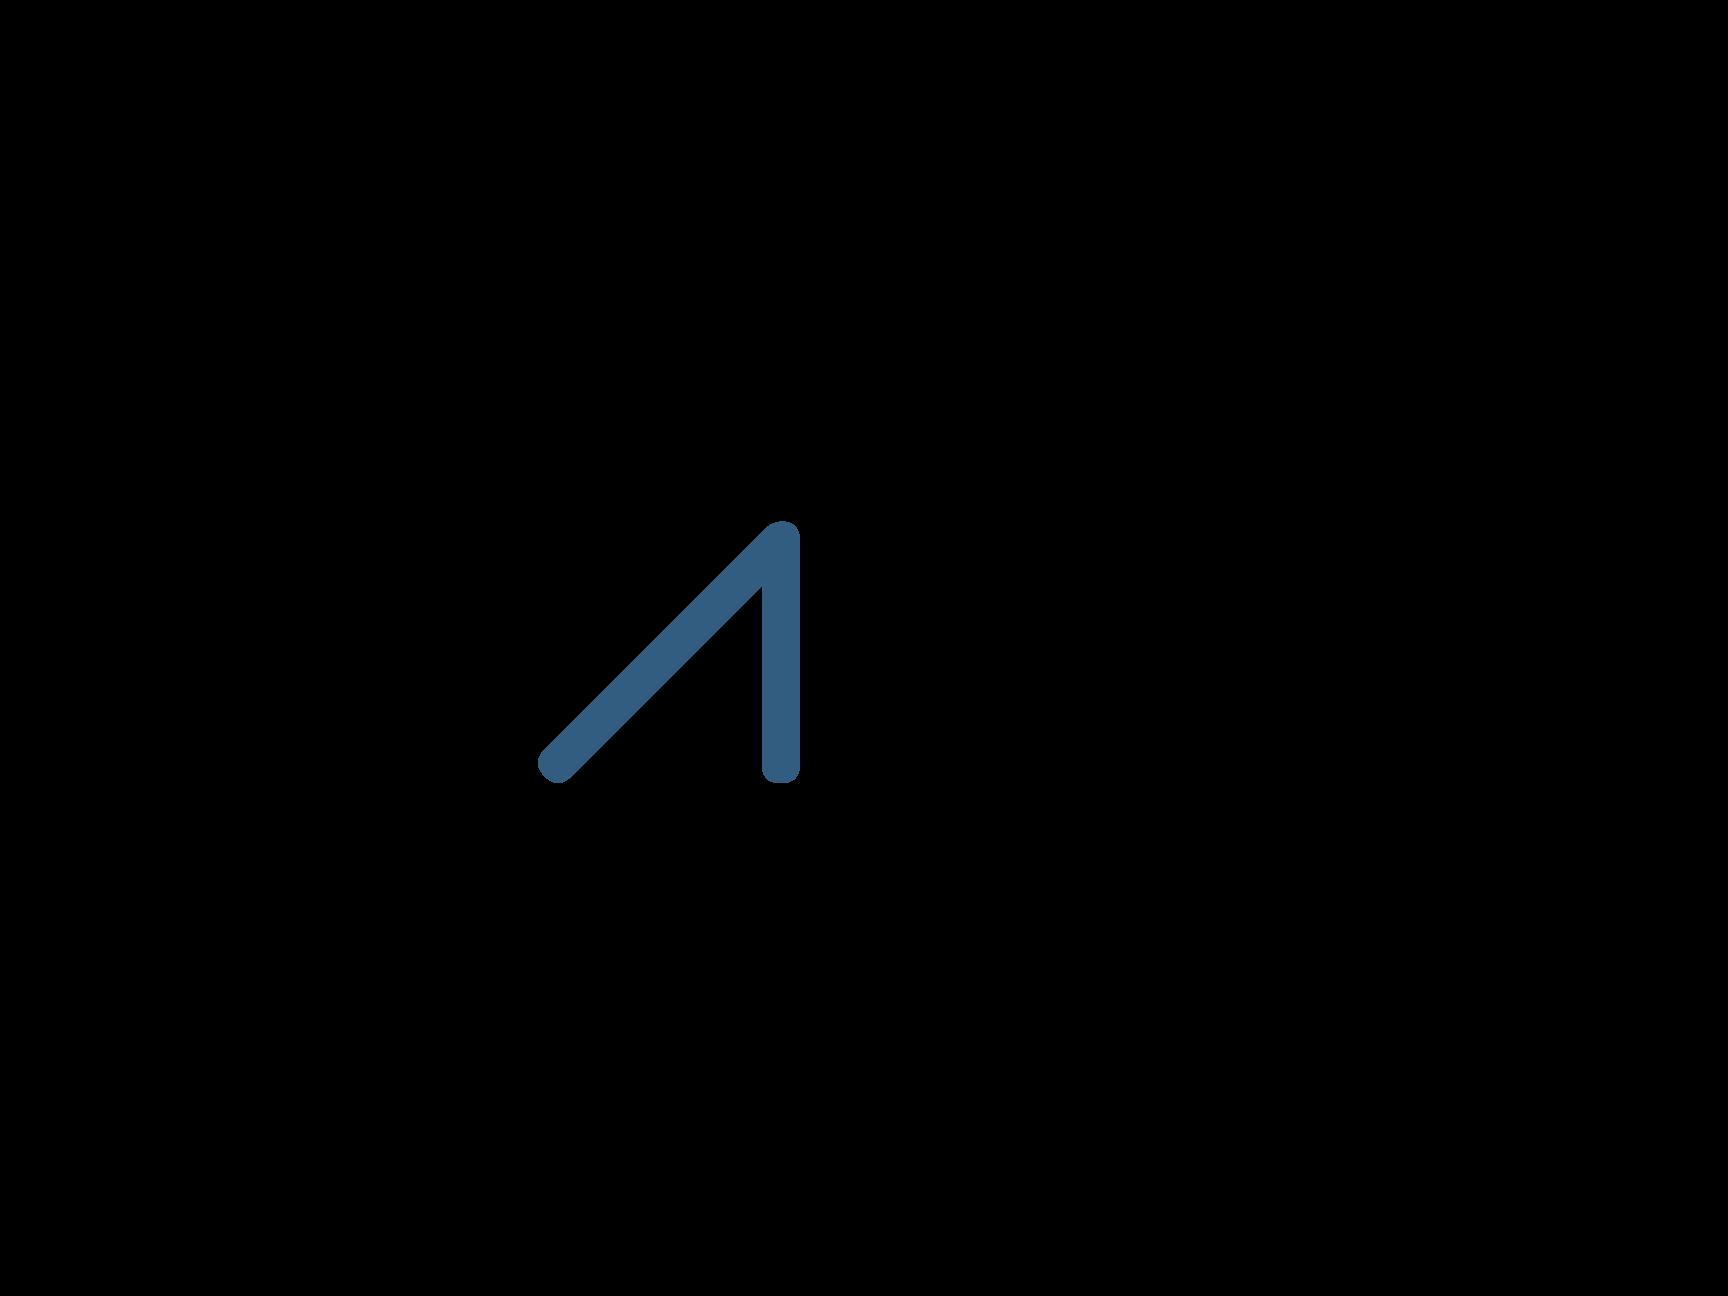 Social-Media-Logo-Transparent.png